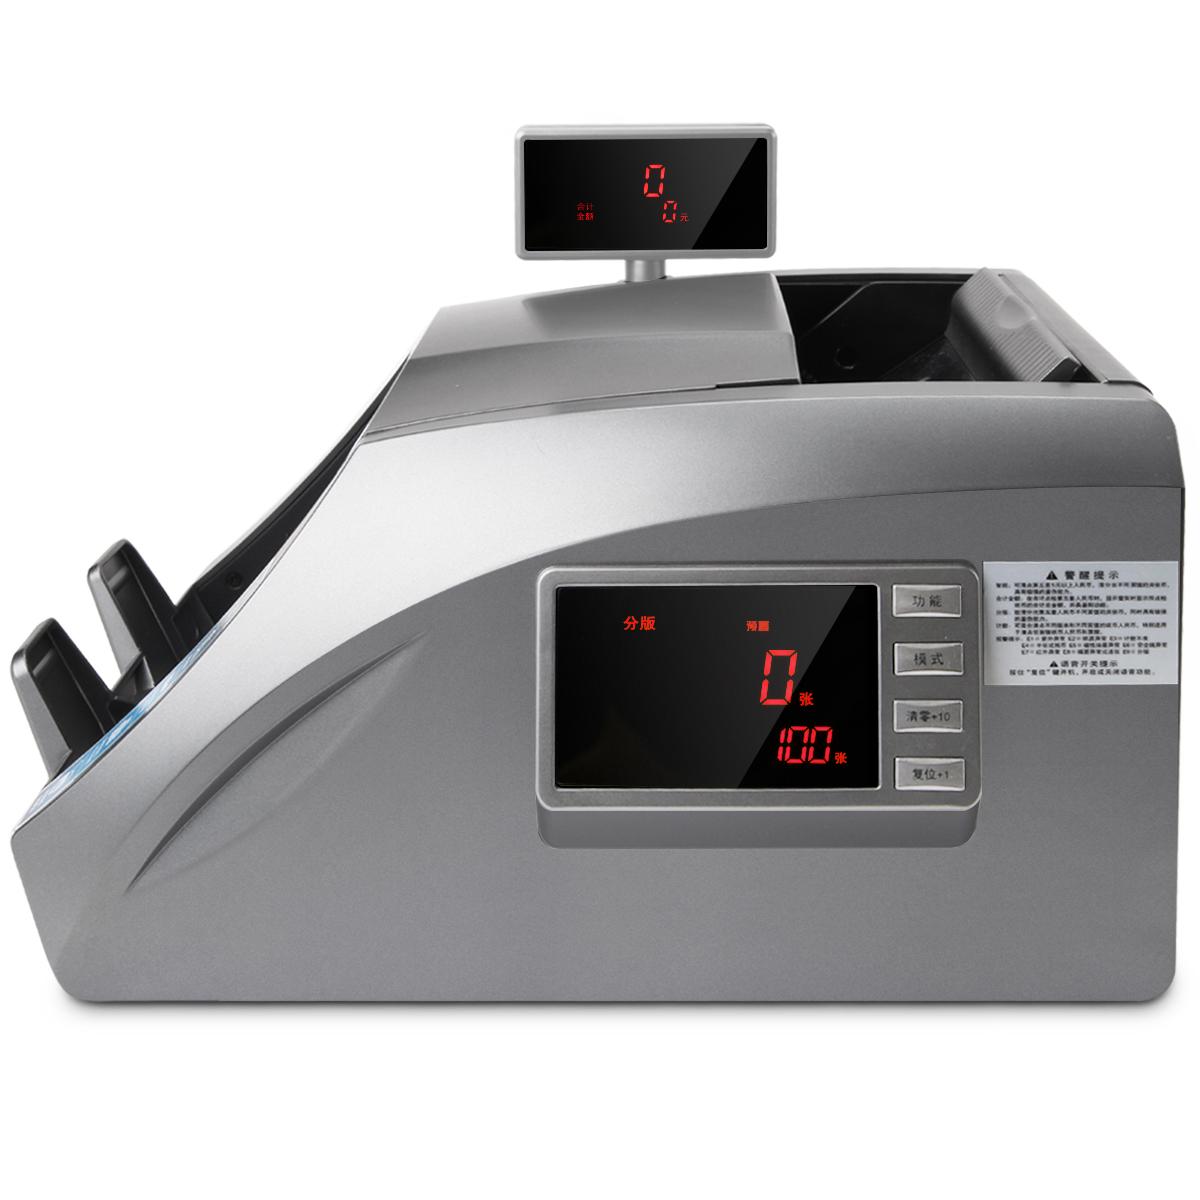 得力3910A智能点钞机B类银行专用三屏语音验钞机新版人民币